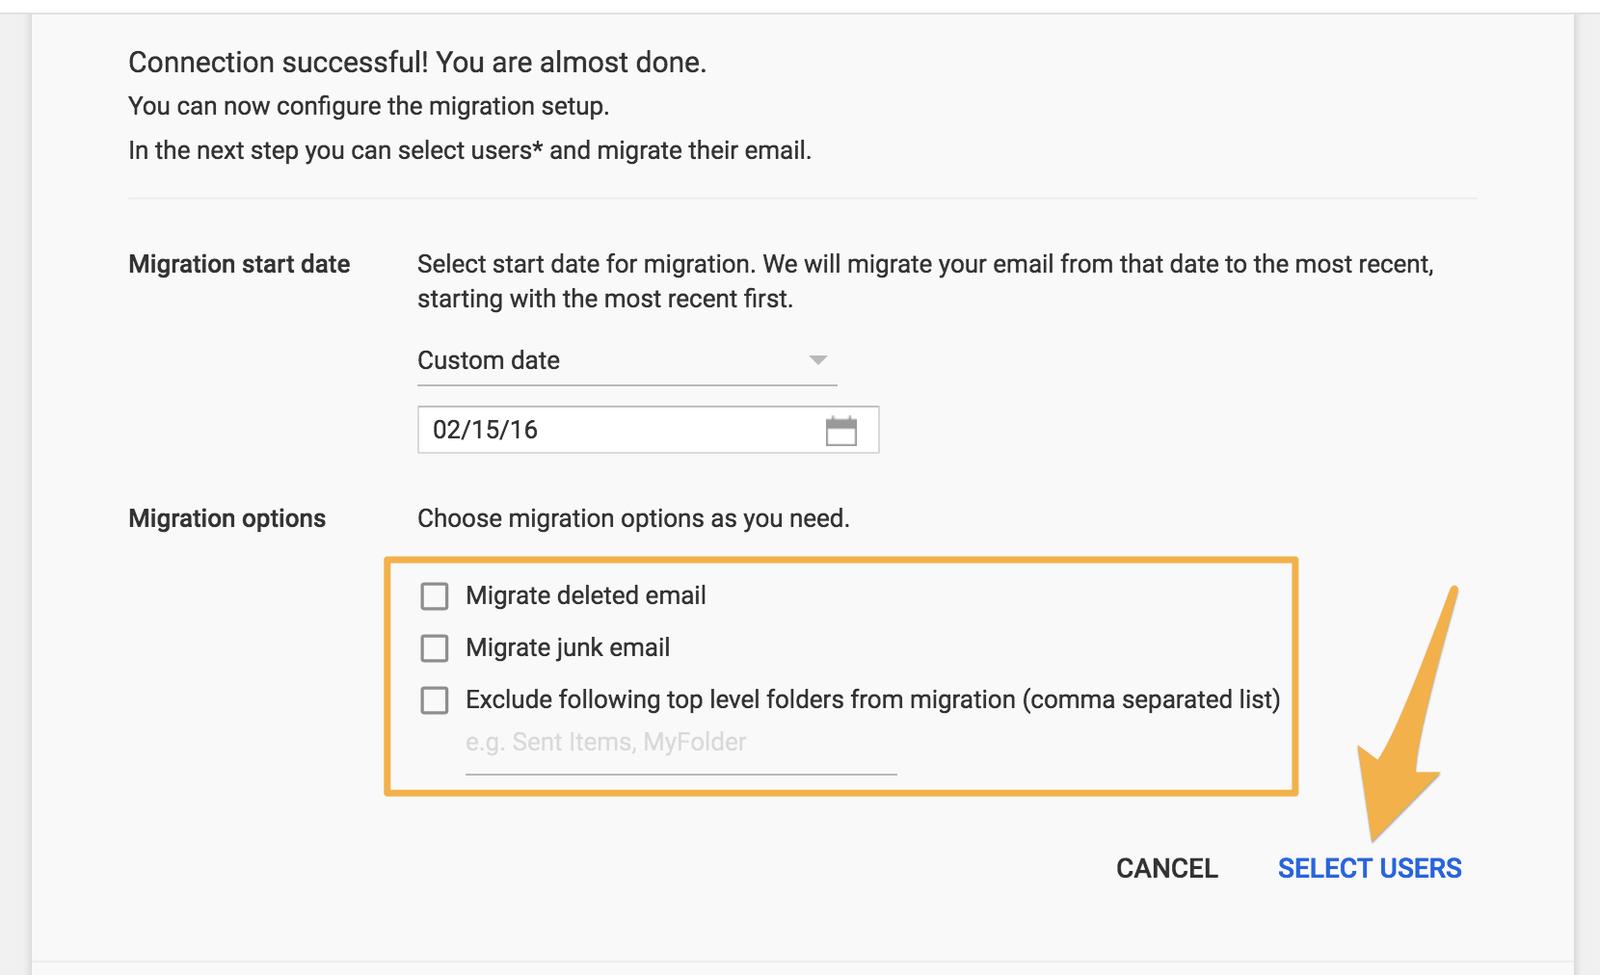 削除済みメールやスパムメールを移行するかなども設定可能